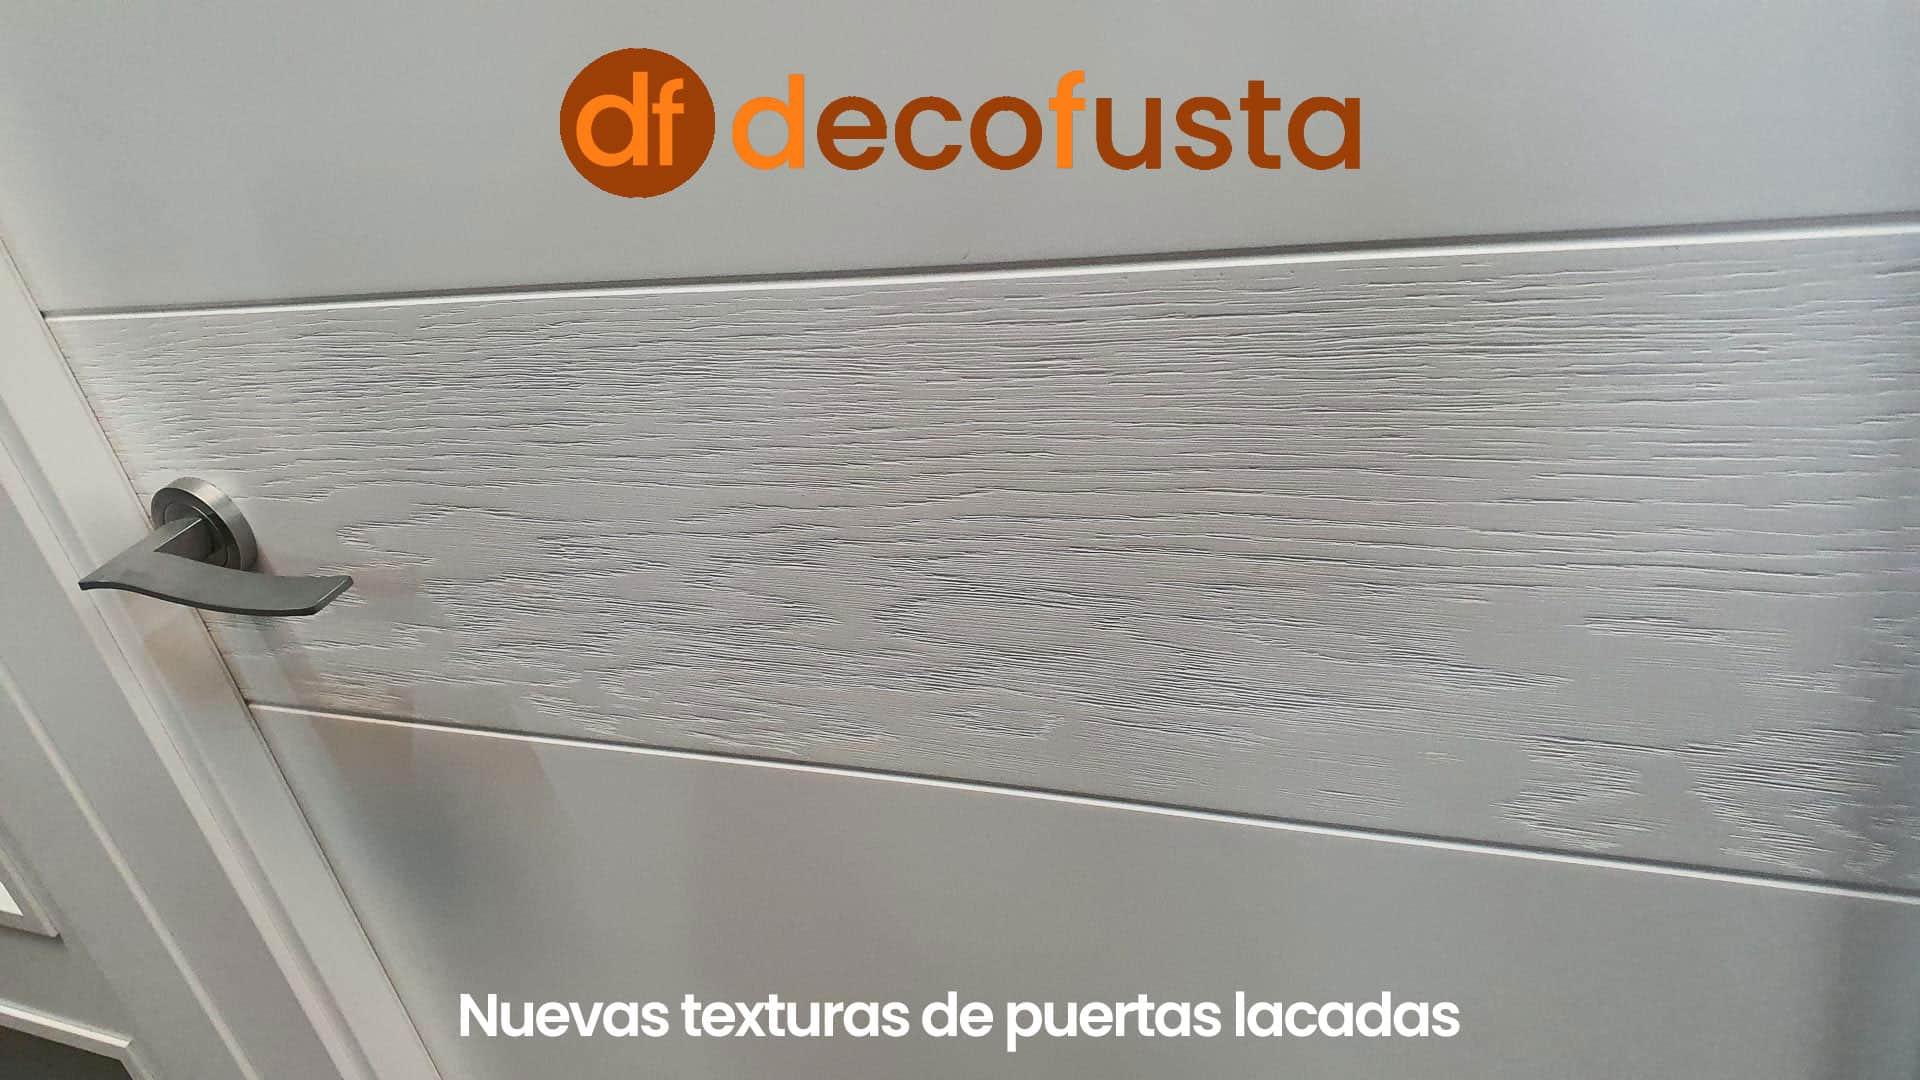 Nuevas texturas de puertas lacadas